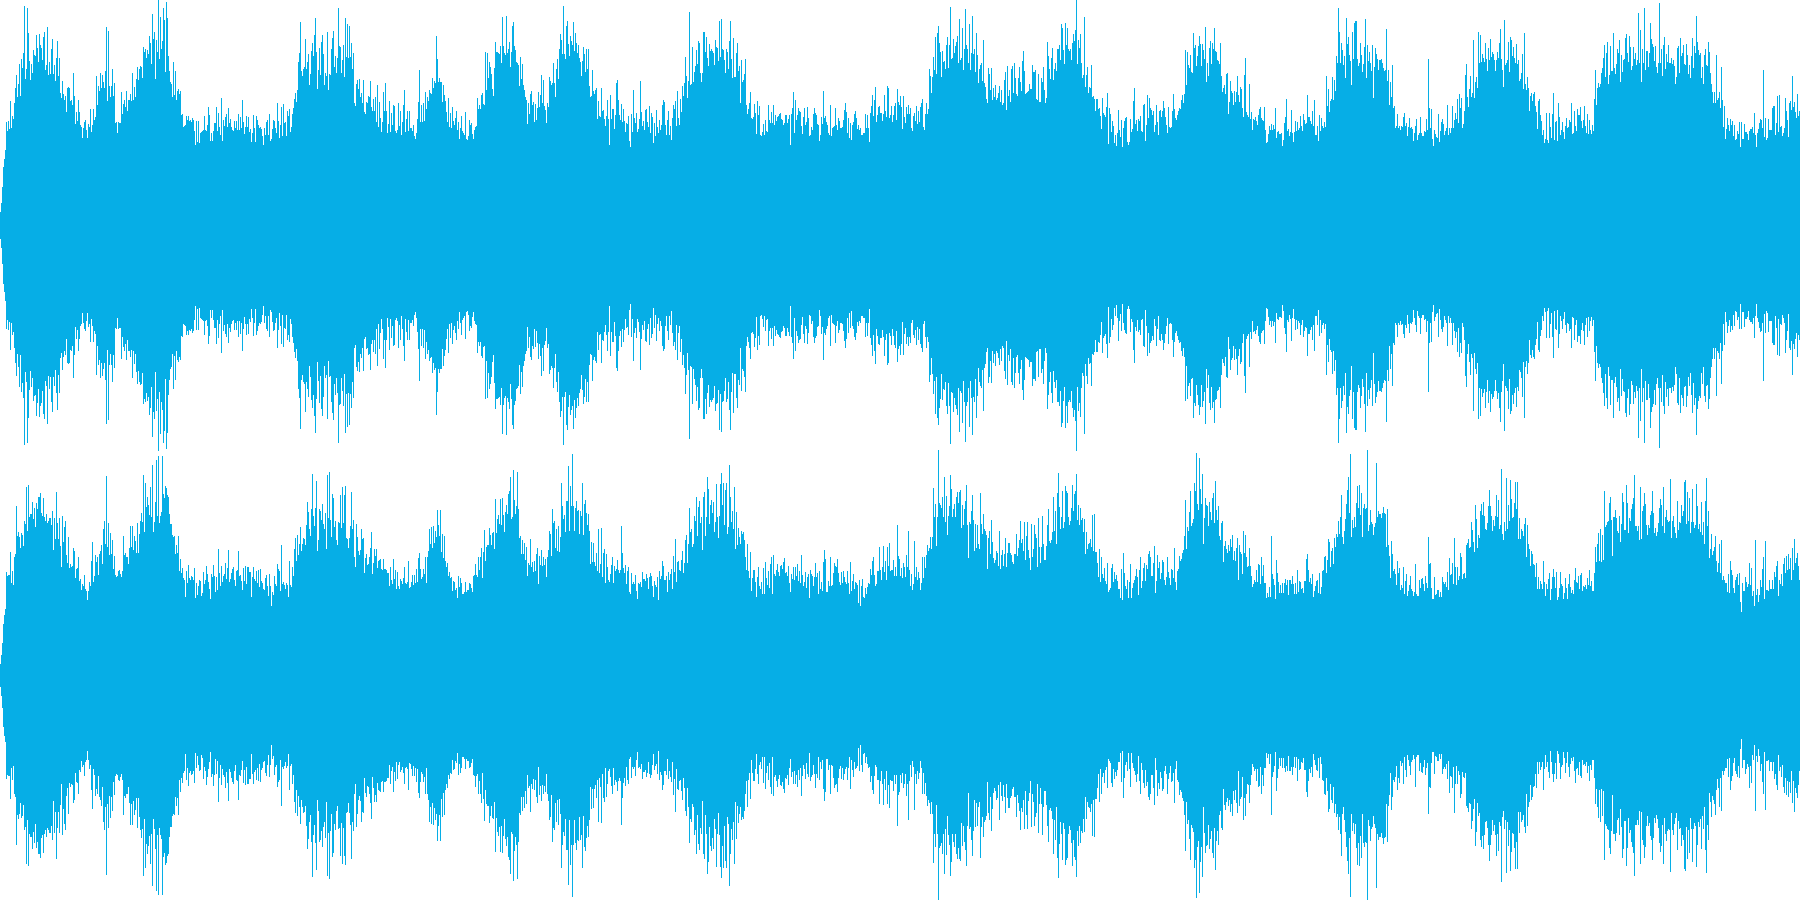 嵐の海(環境音)の再生済みの波形